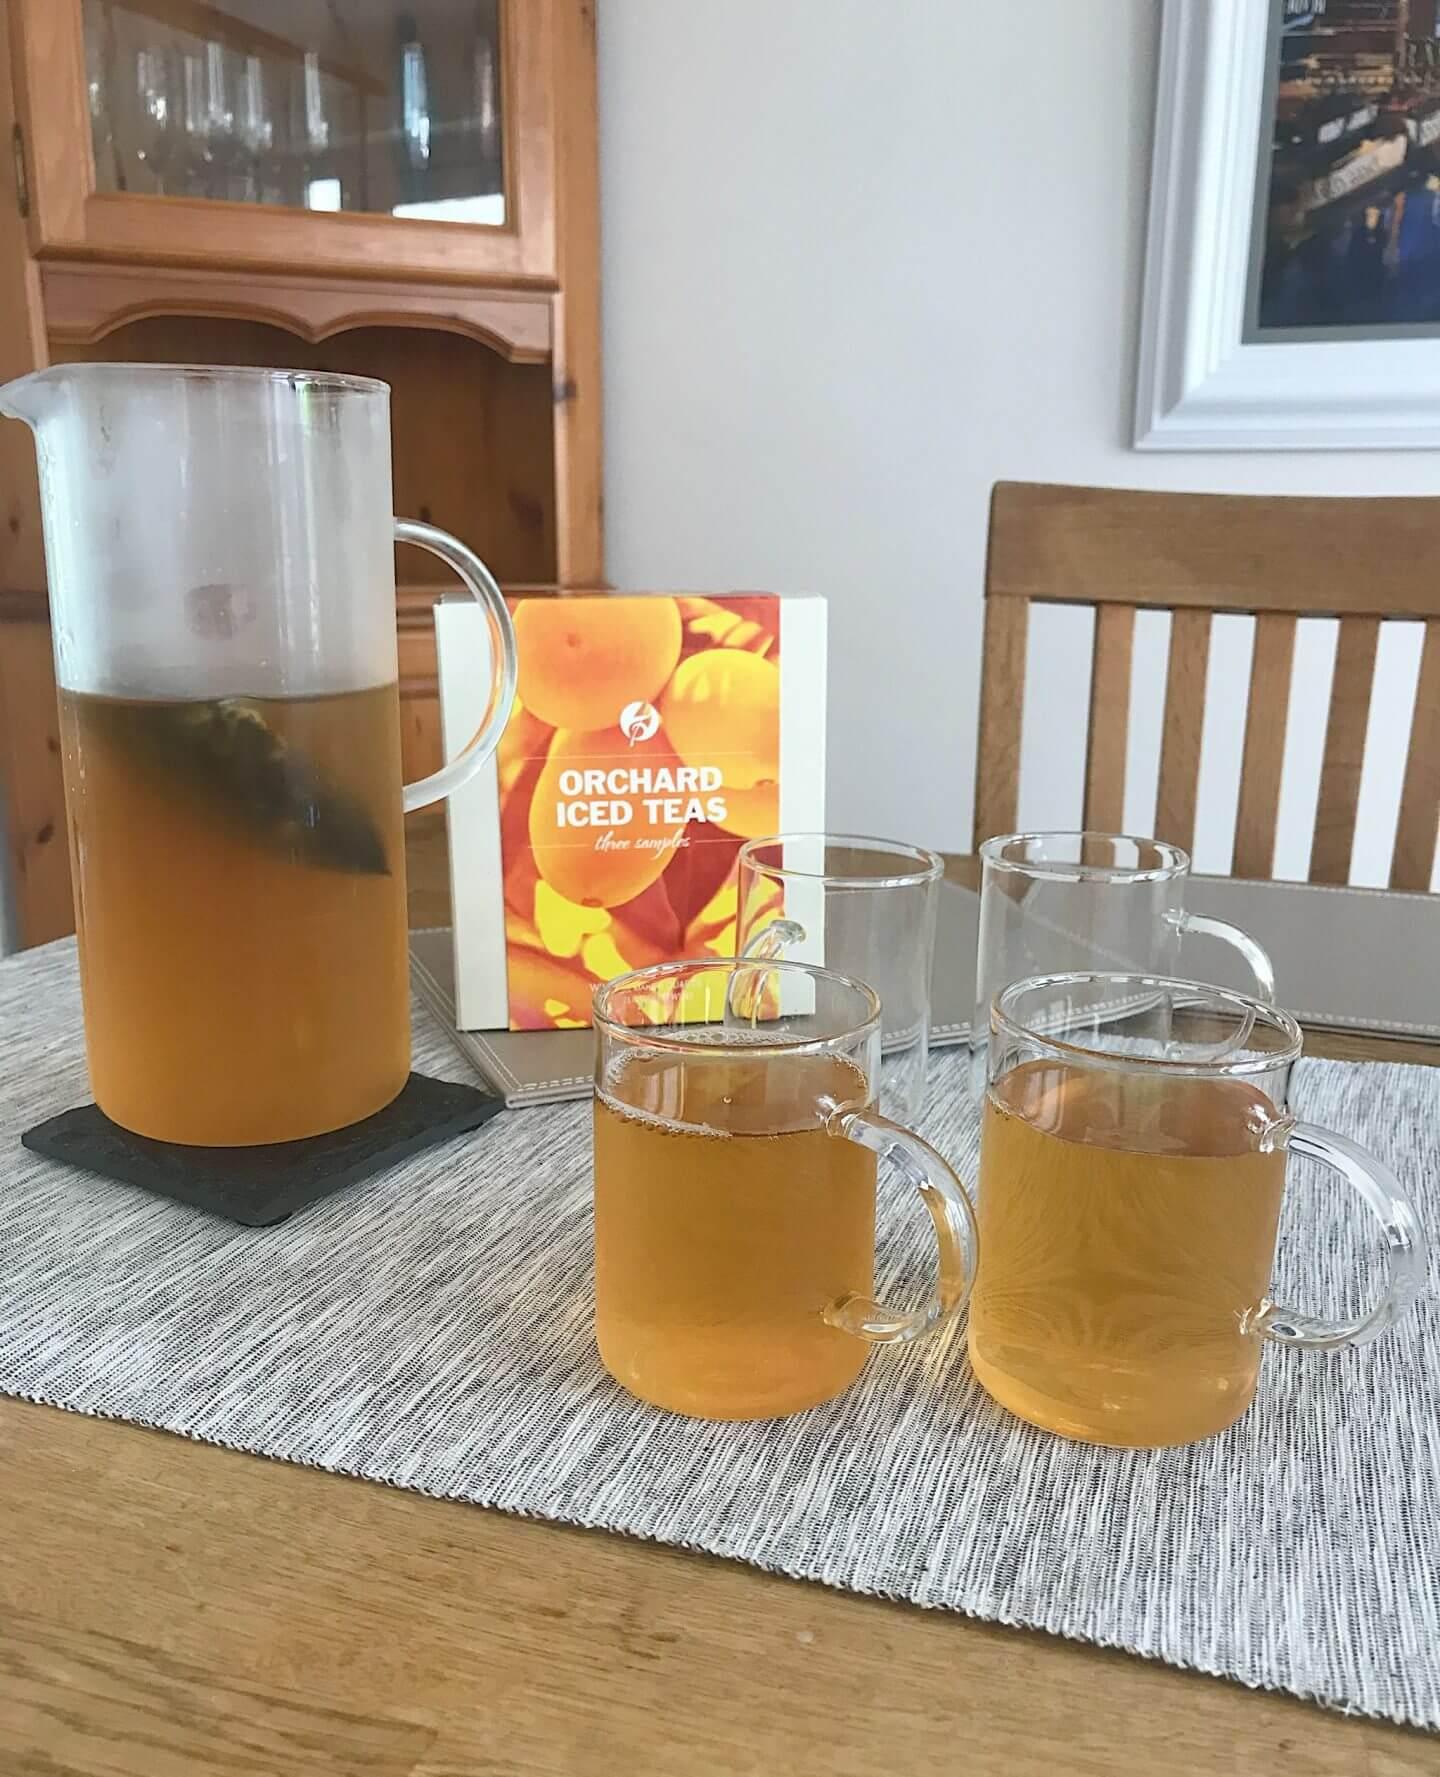 Adagio peach tea with large jug and tea glasses